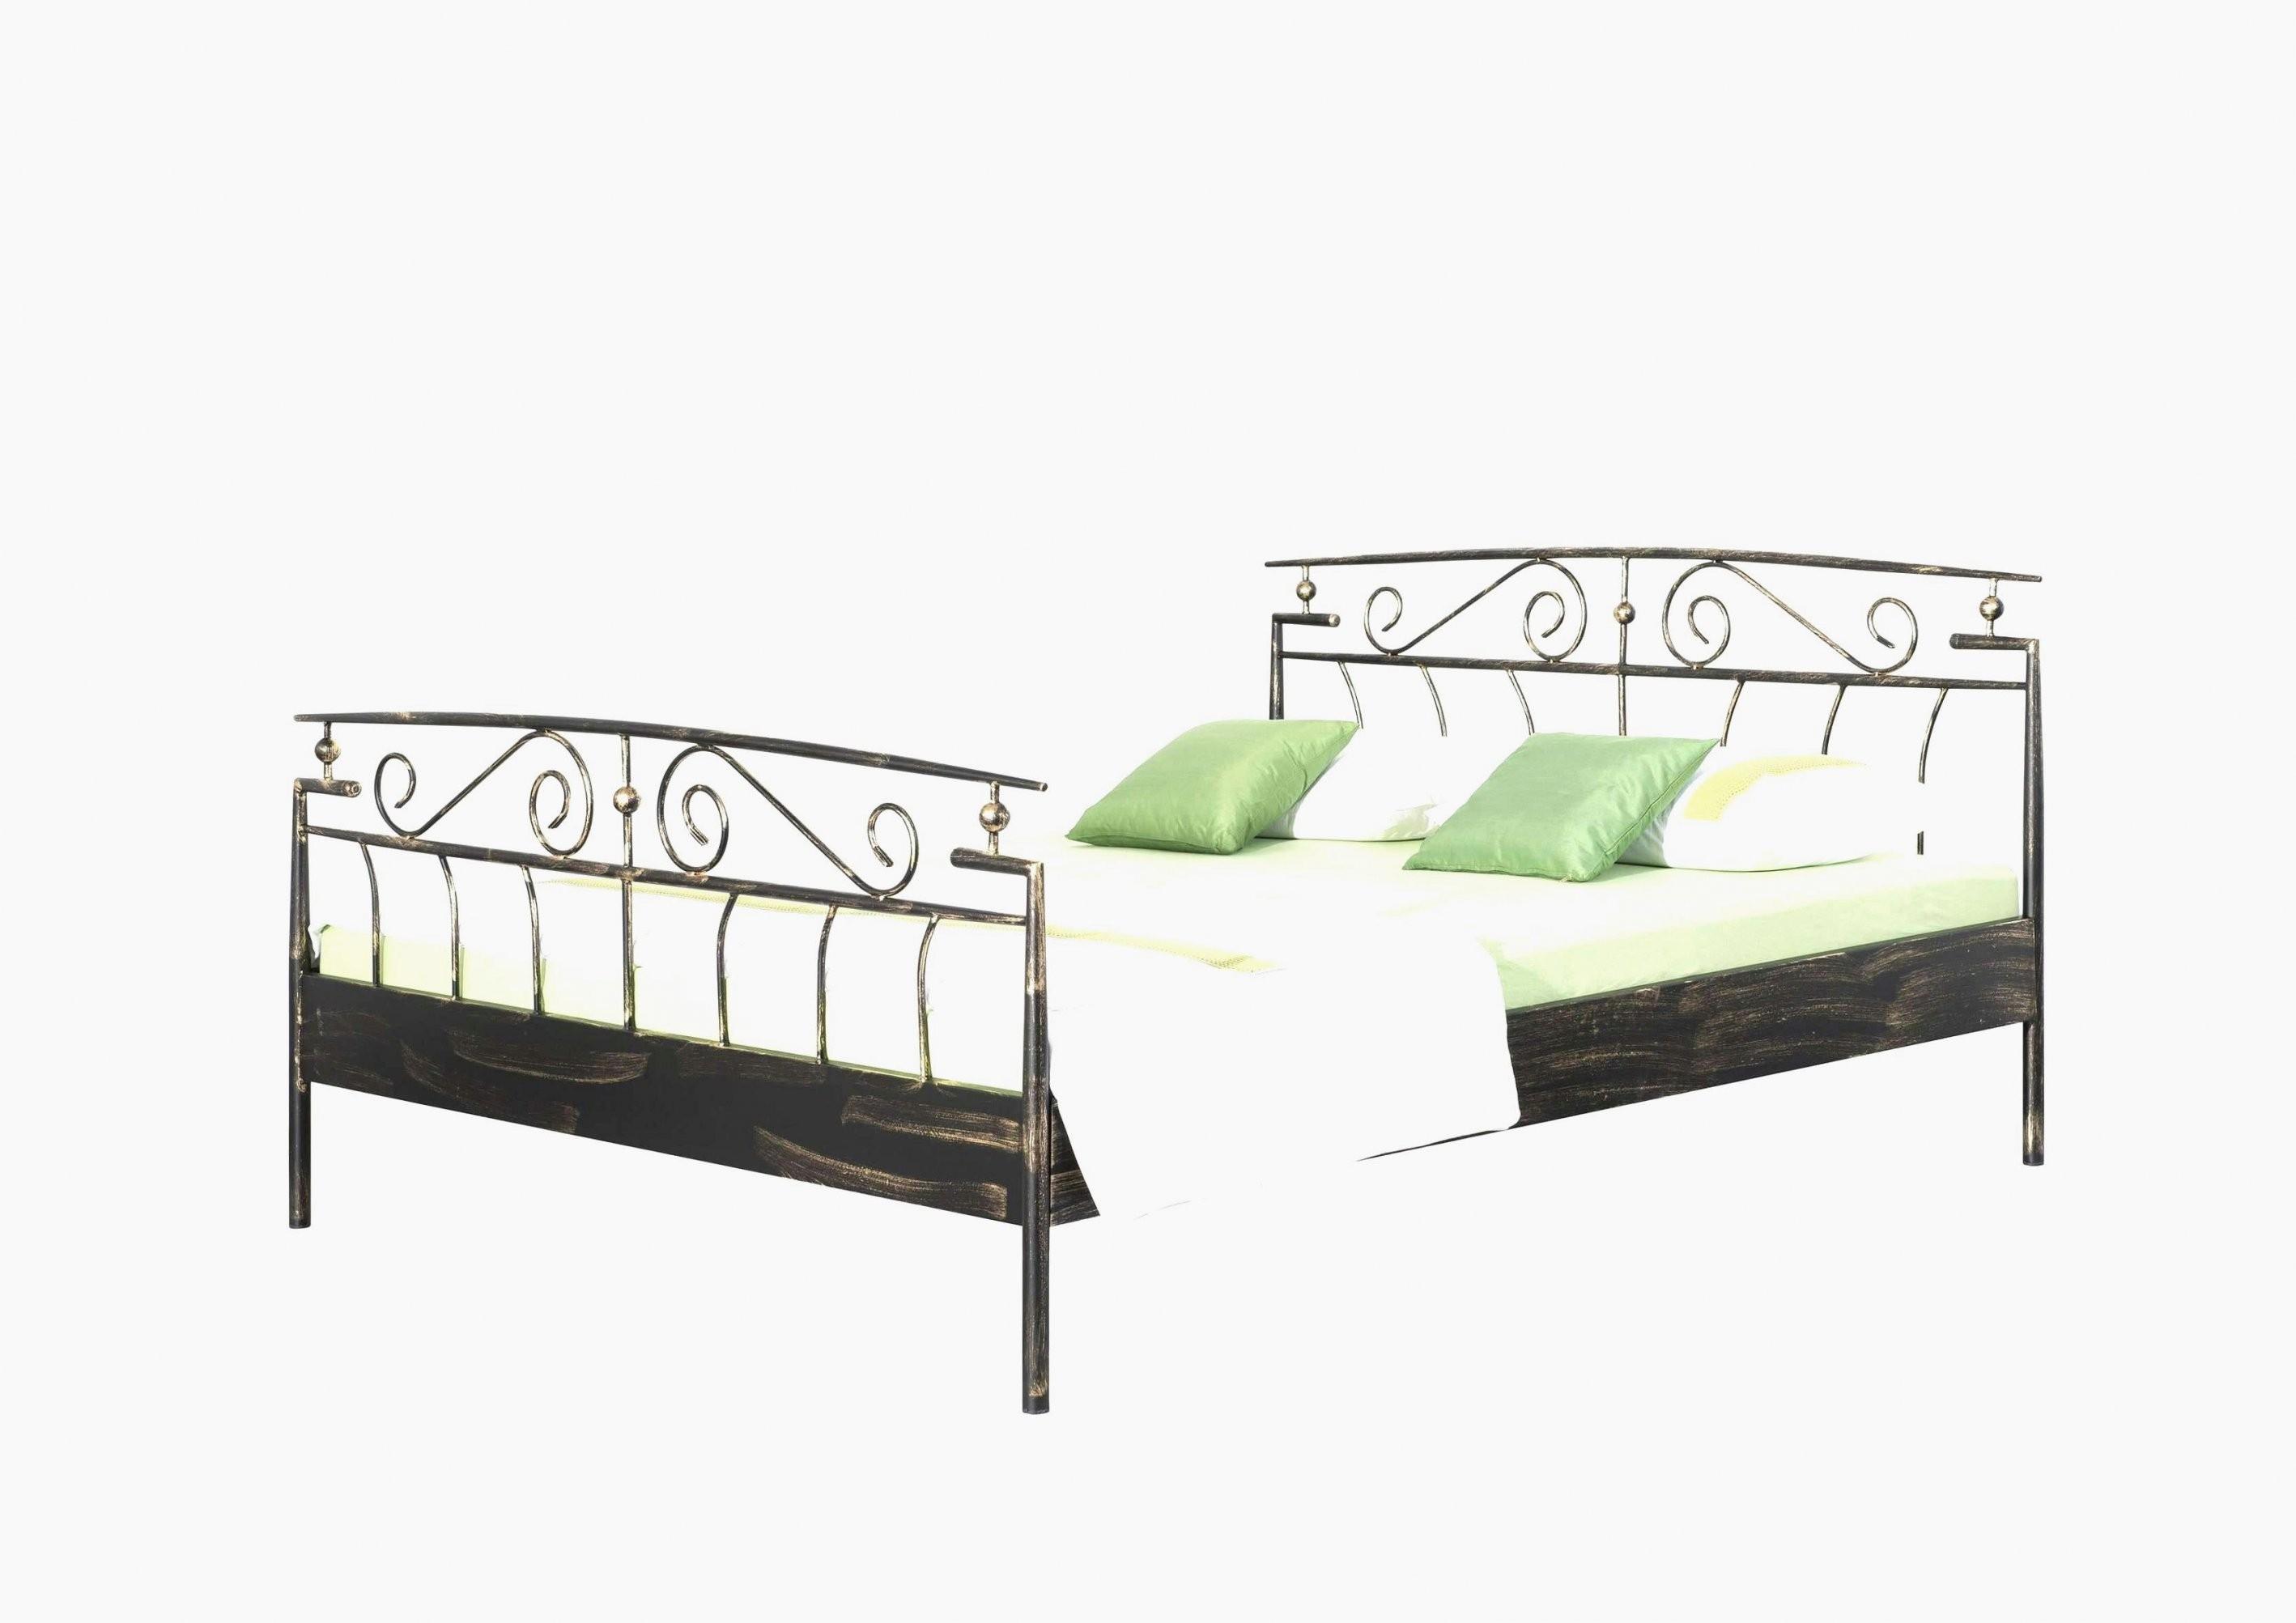 Inspirierend Bett 140×200 Mit Matratze Und Lattenrost Ikea von Bett 140X200 Mit Matratze Und Lattenrost Ikea Photo